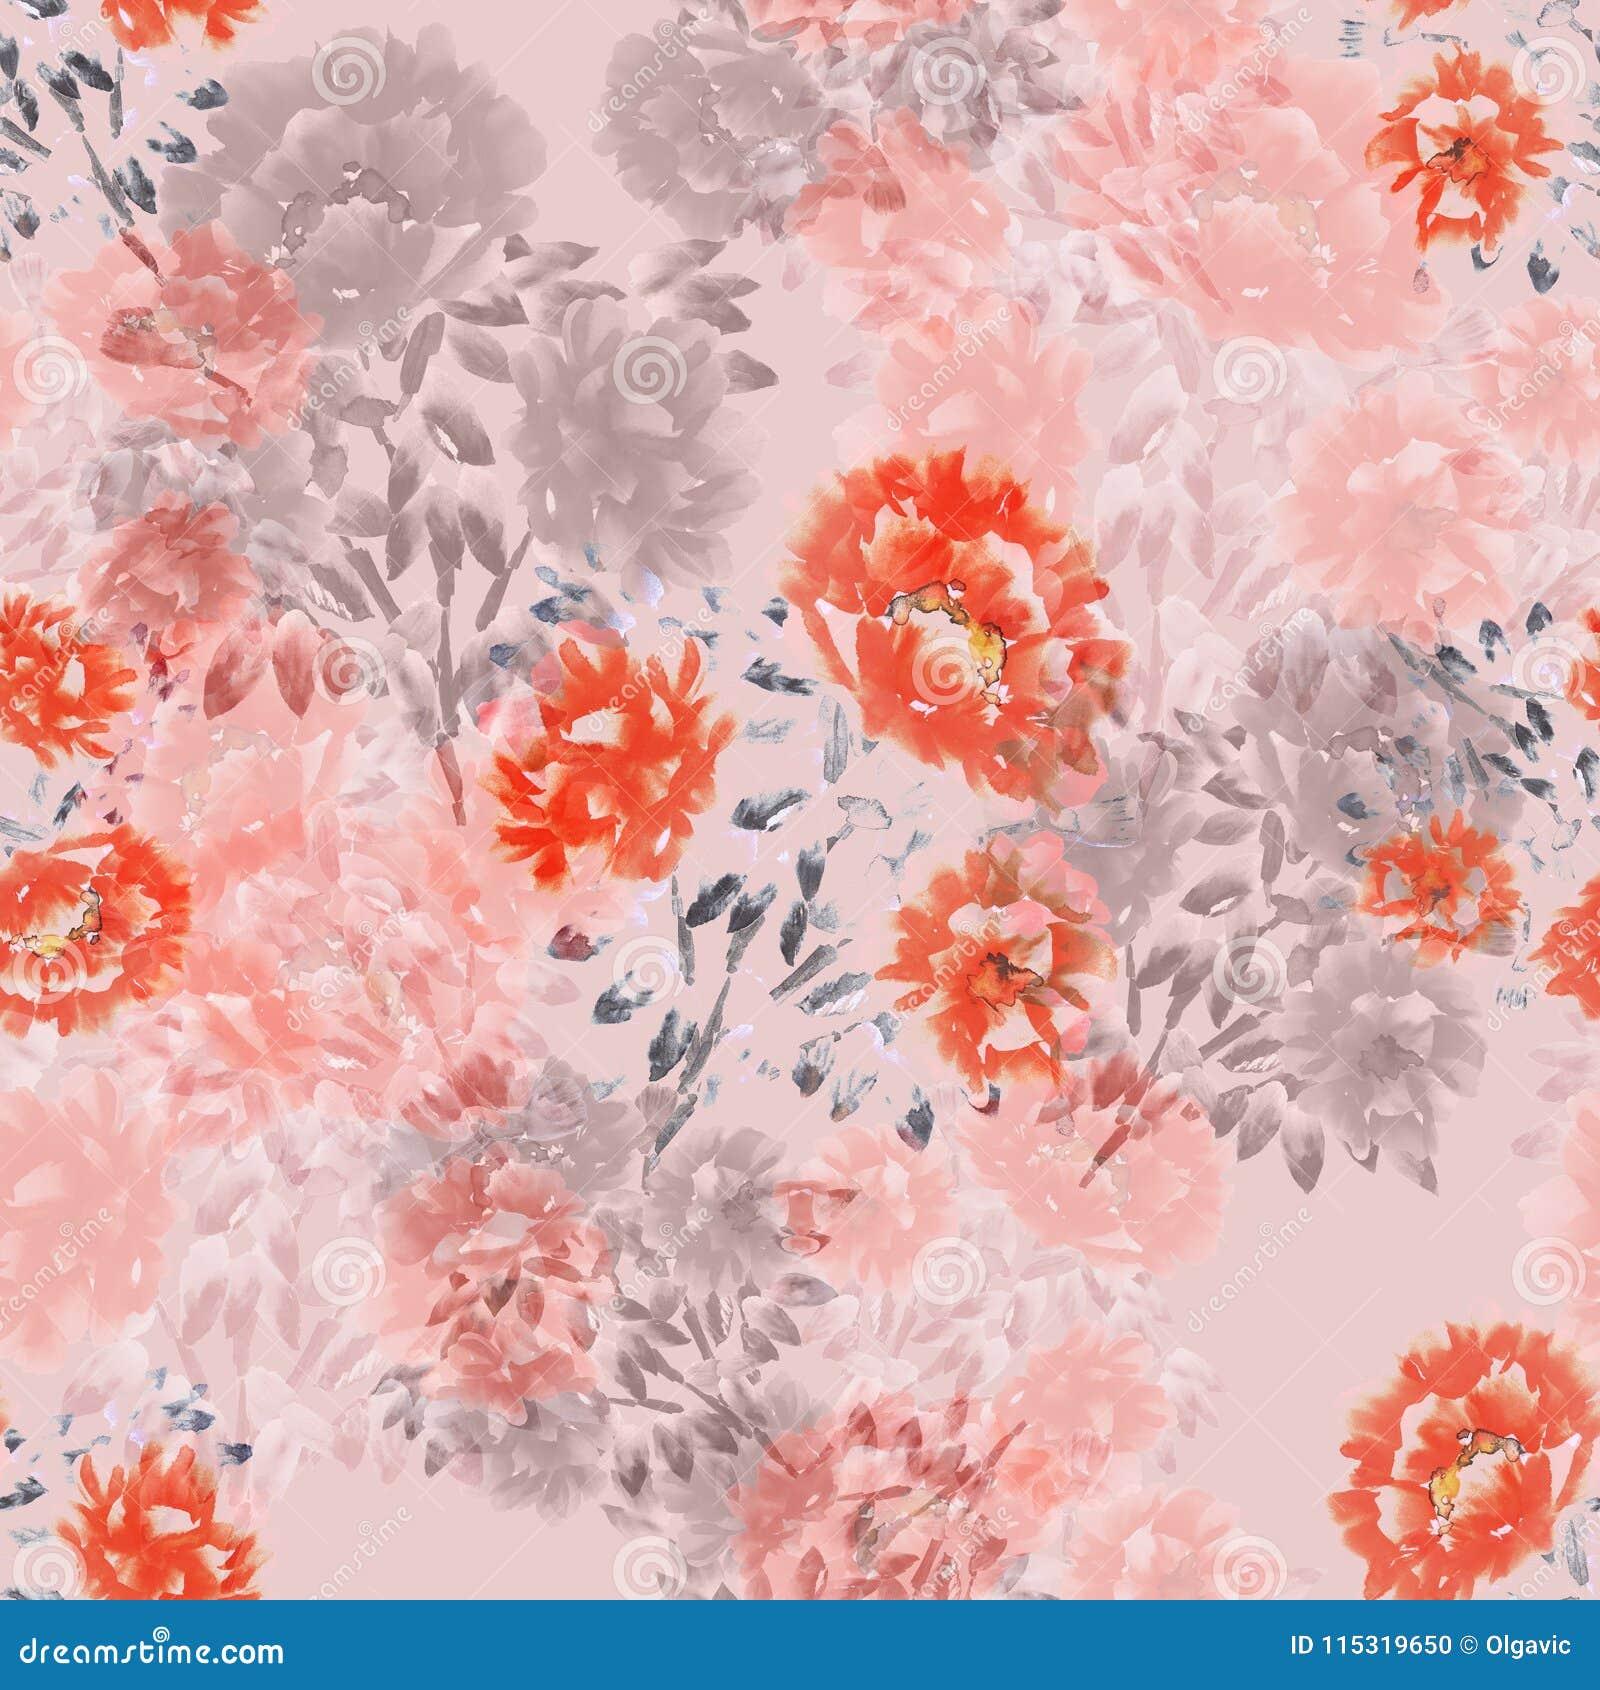 Nahtloses Muster von roten, rosa, beige Blumen von Pfingstrosen auf einem hellrosa Hintergrund Ausführliche vektorzeichnung water